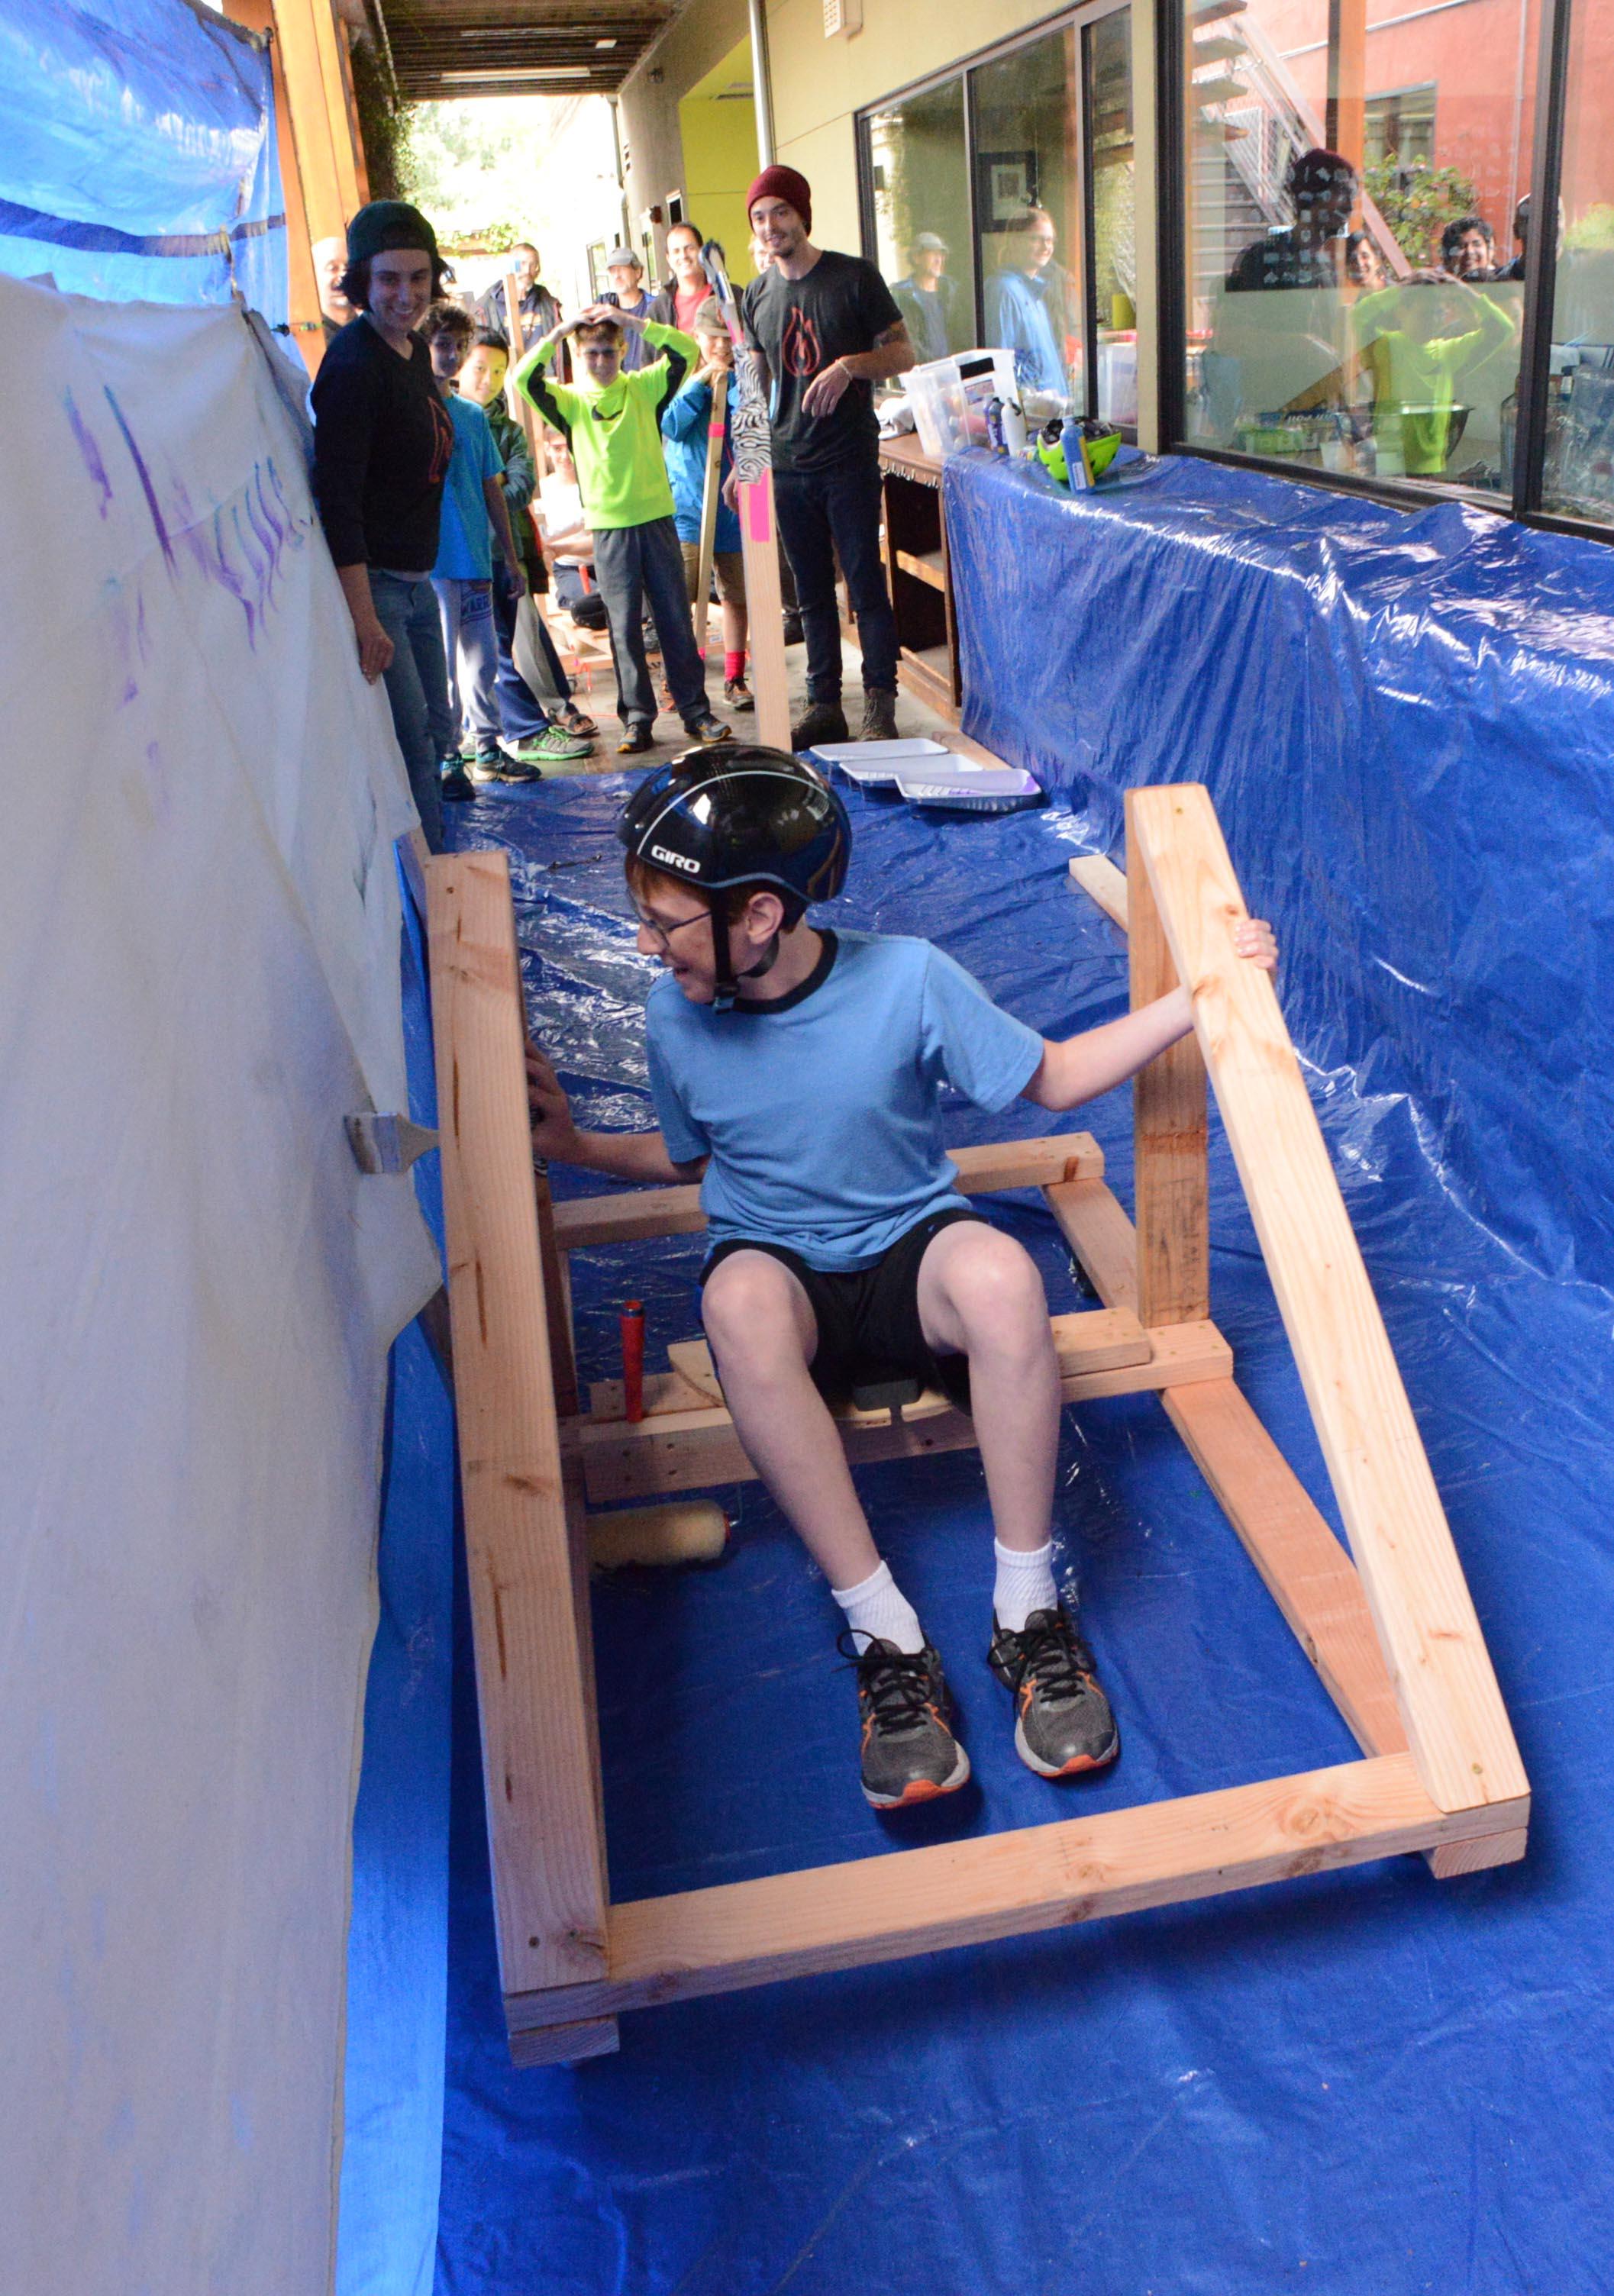 Matthew's team designed a foot-power cart (Flintstones anyone?).